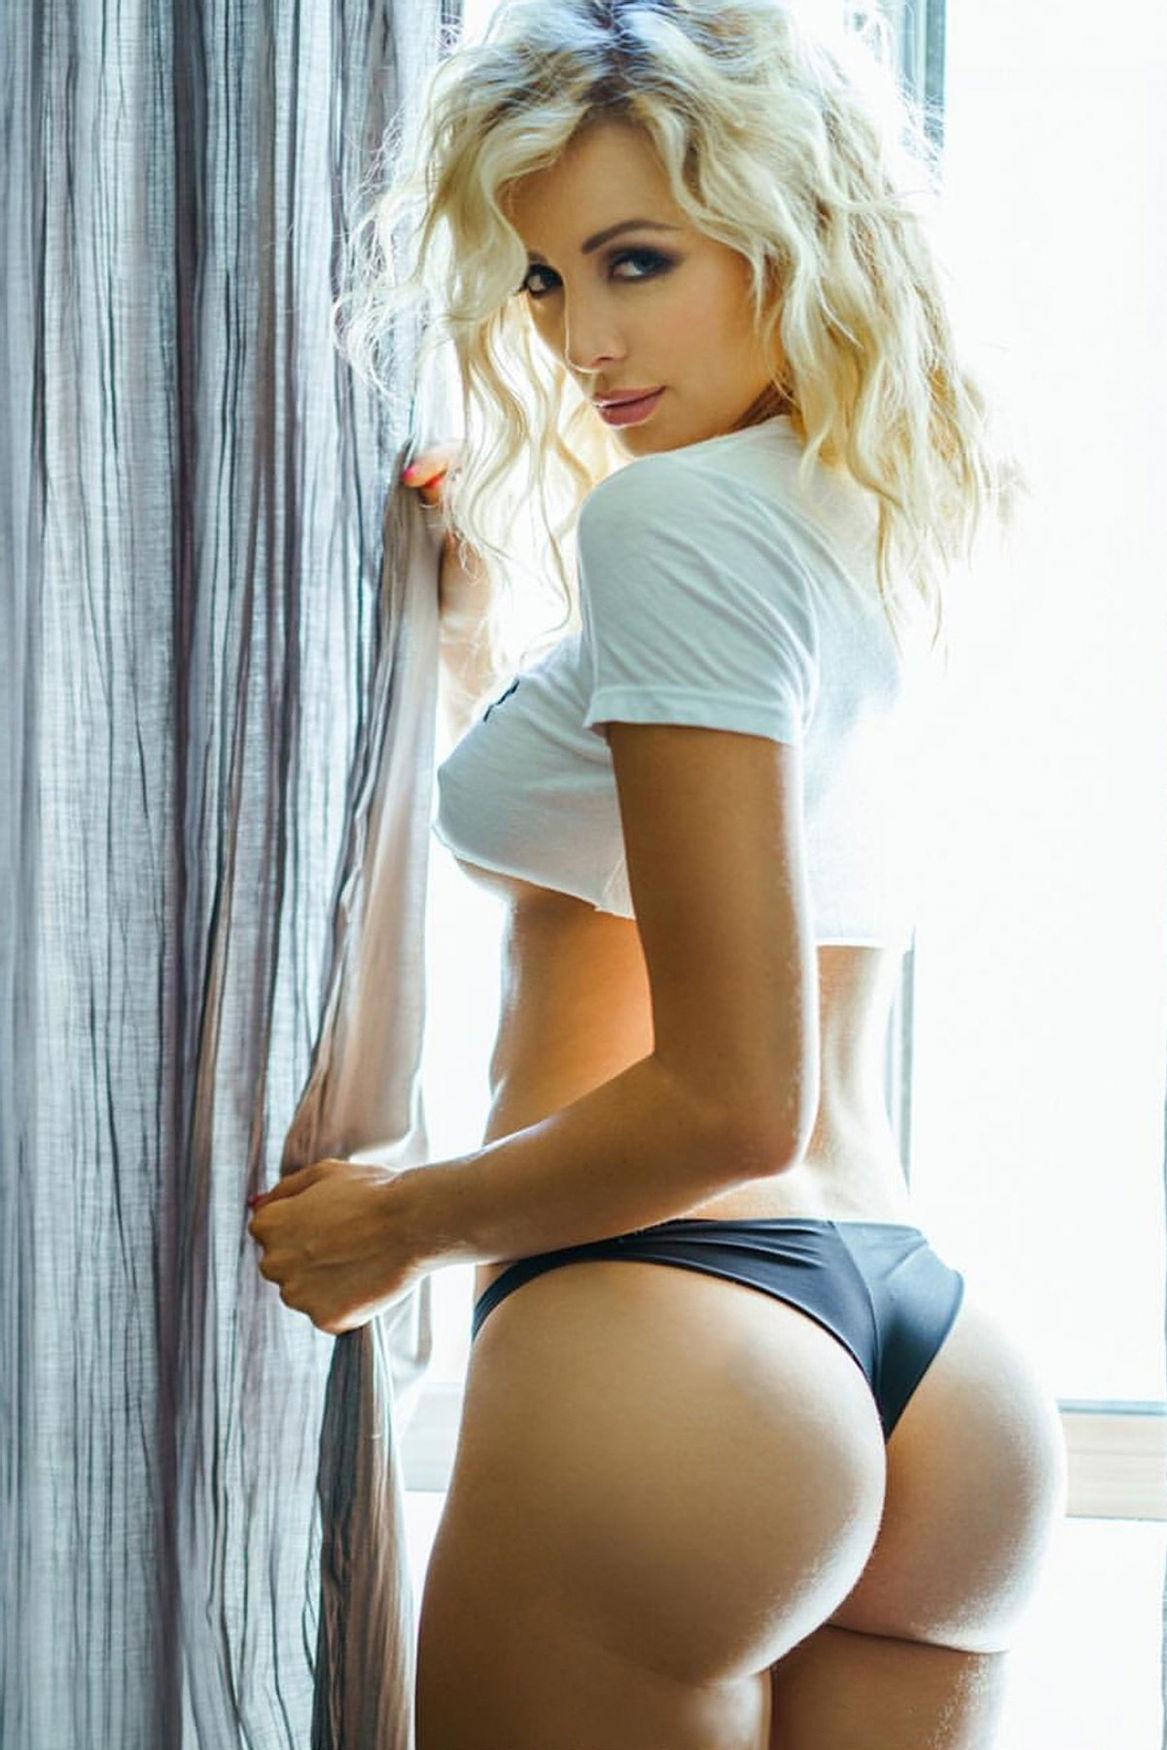 Perfect ass  😚